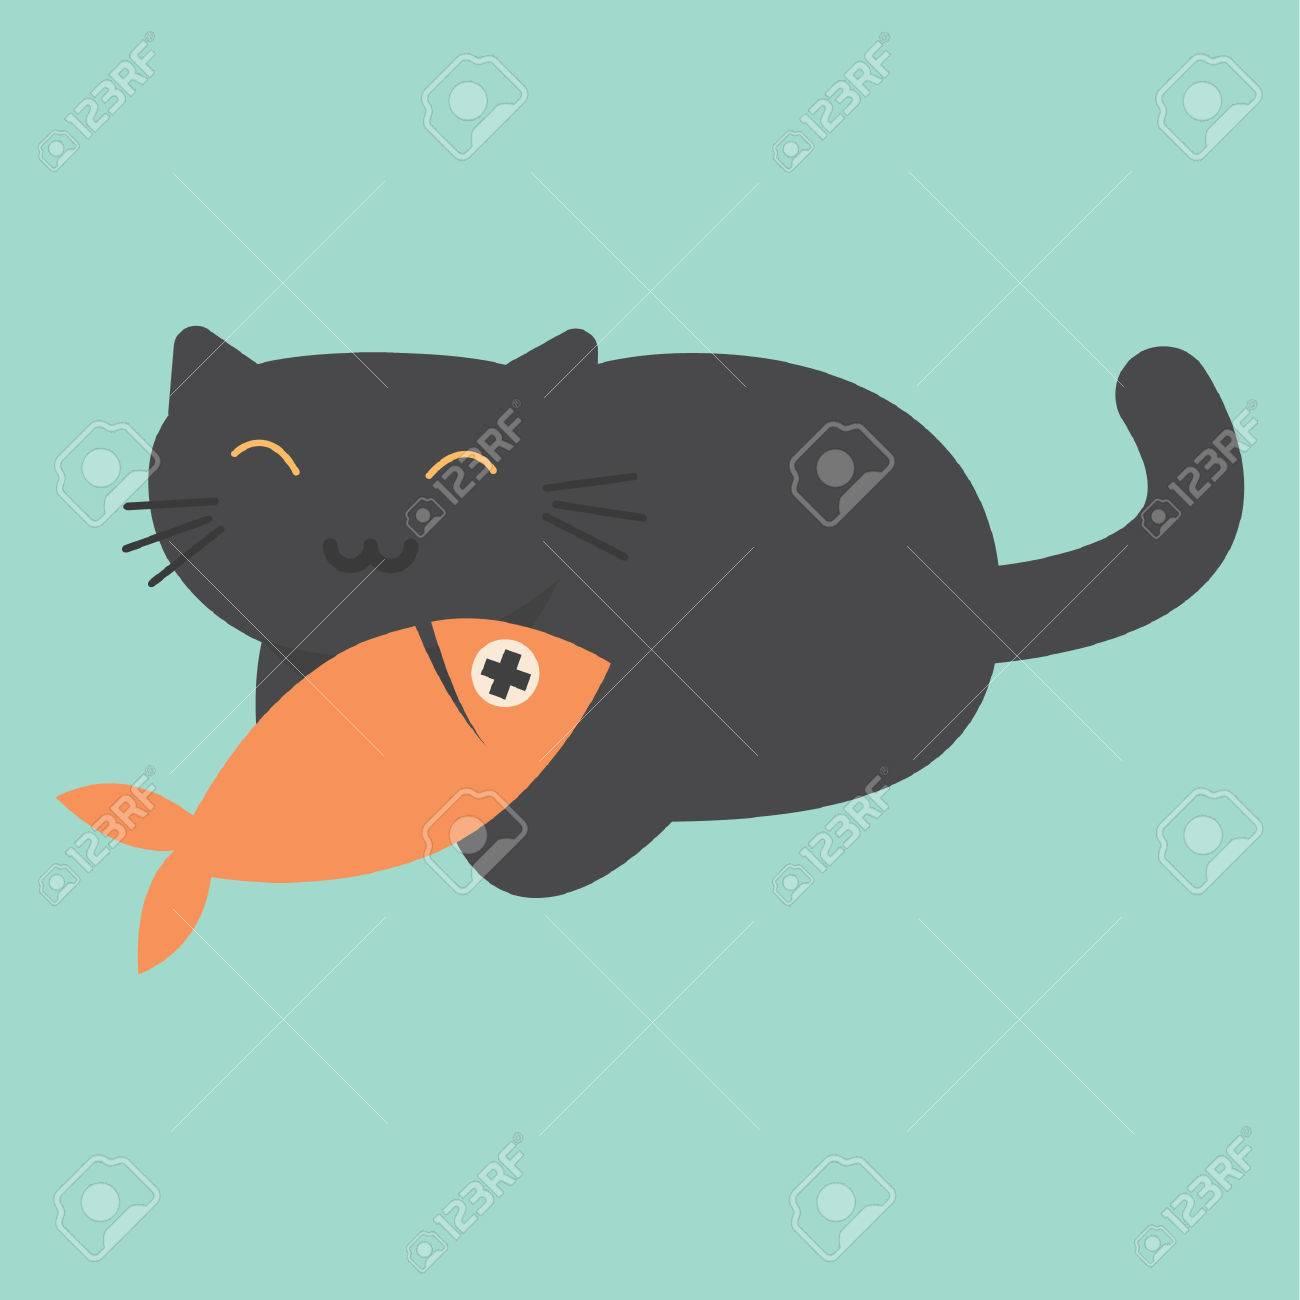 cat eating fish.